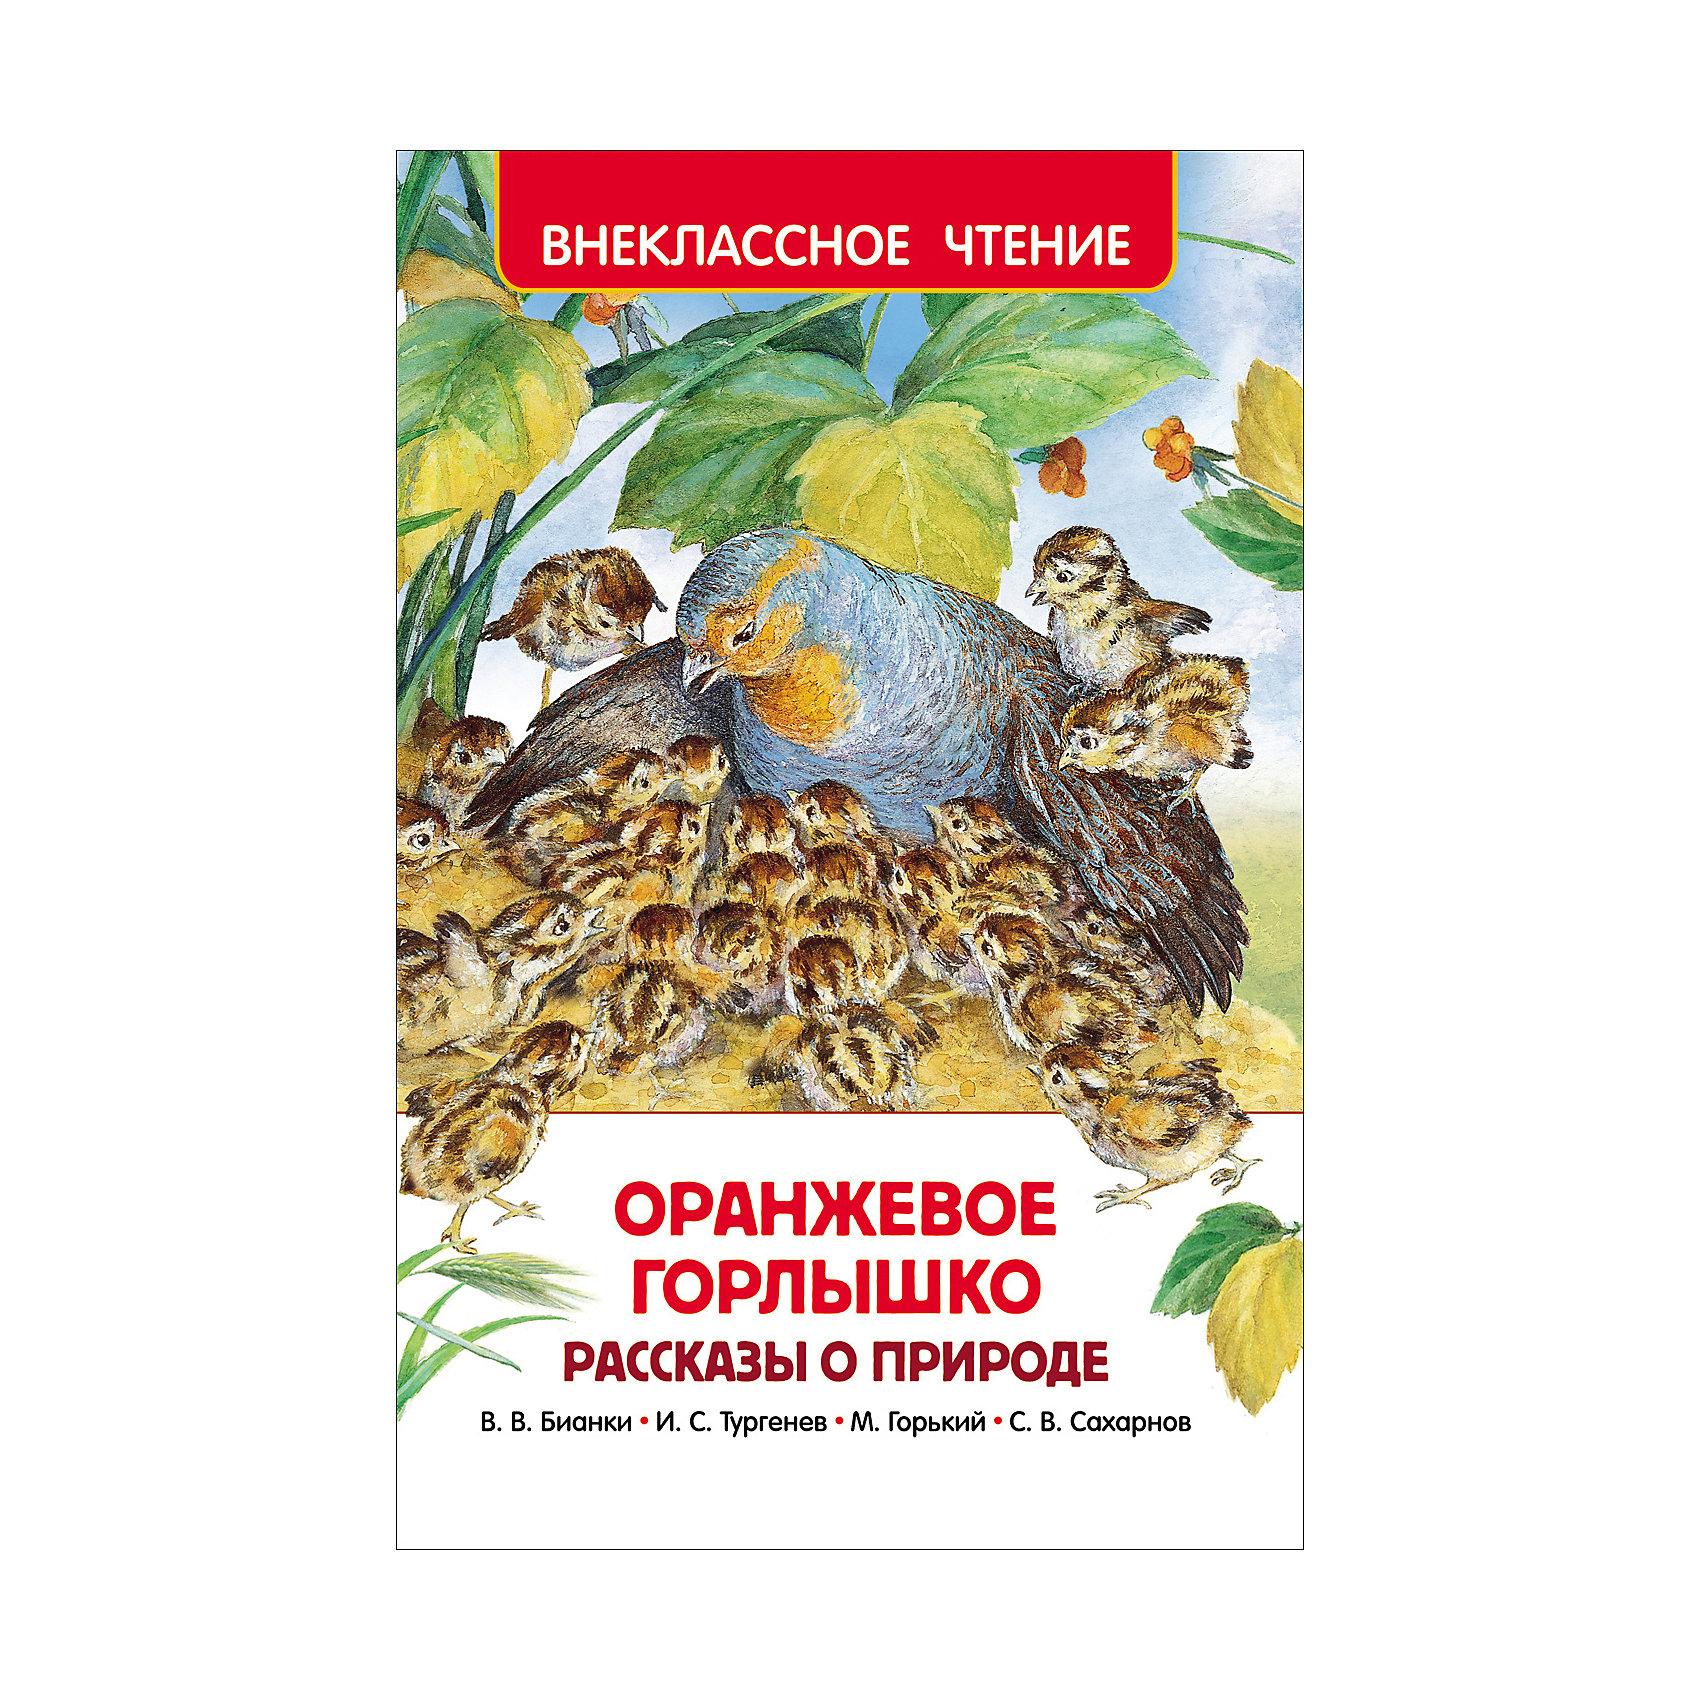 Росмэн Сборник рассказов о природе Оранжевое горлышко, Внеклассное чтение